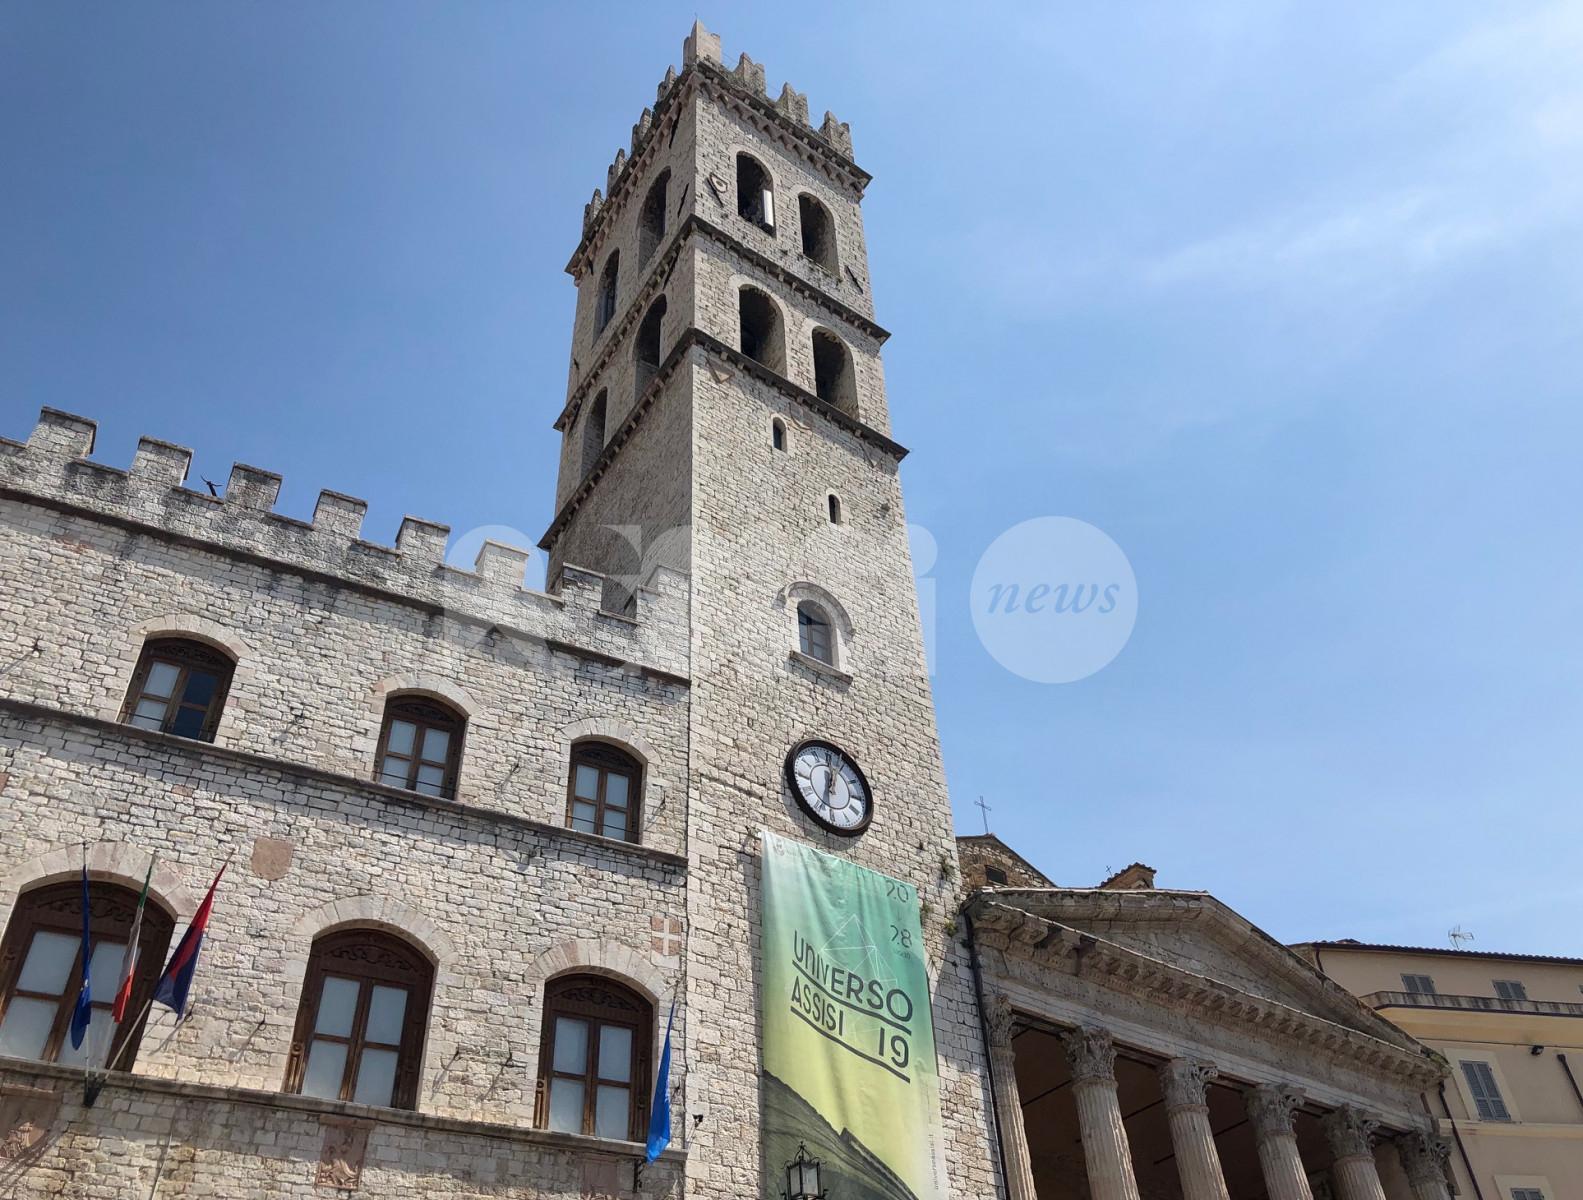 Le campane della Torre comunale non suonano più: la segnalazione